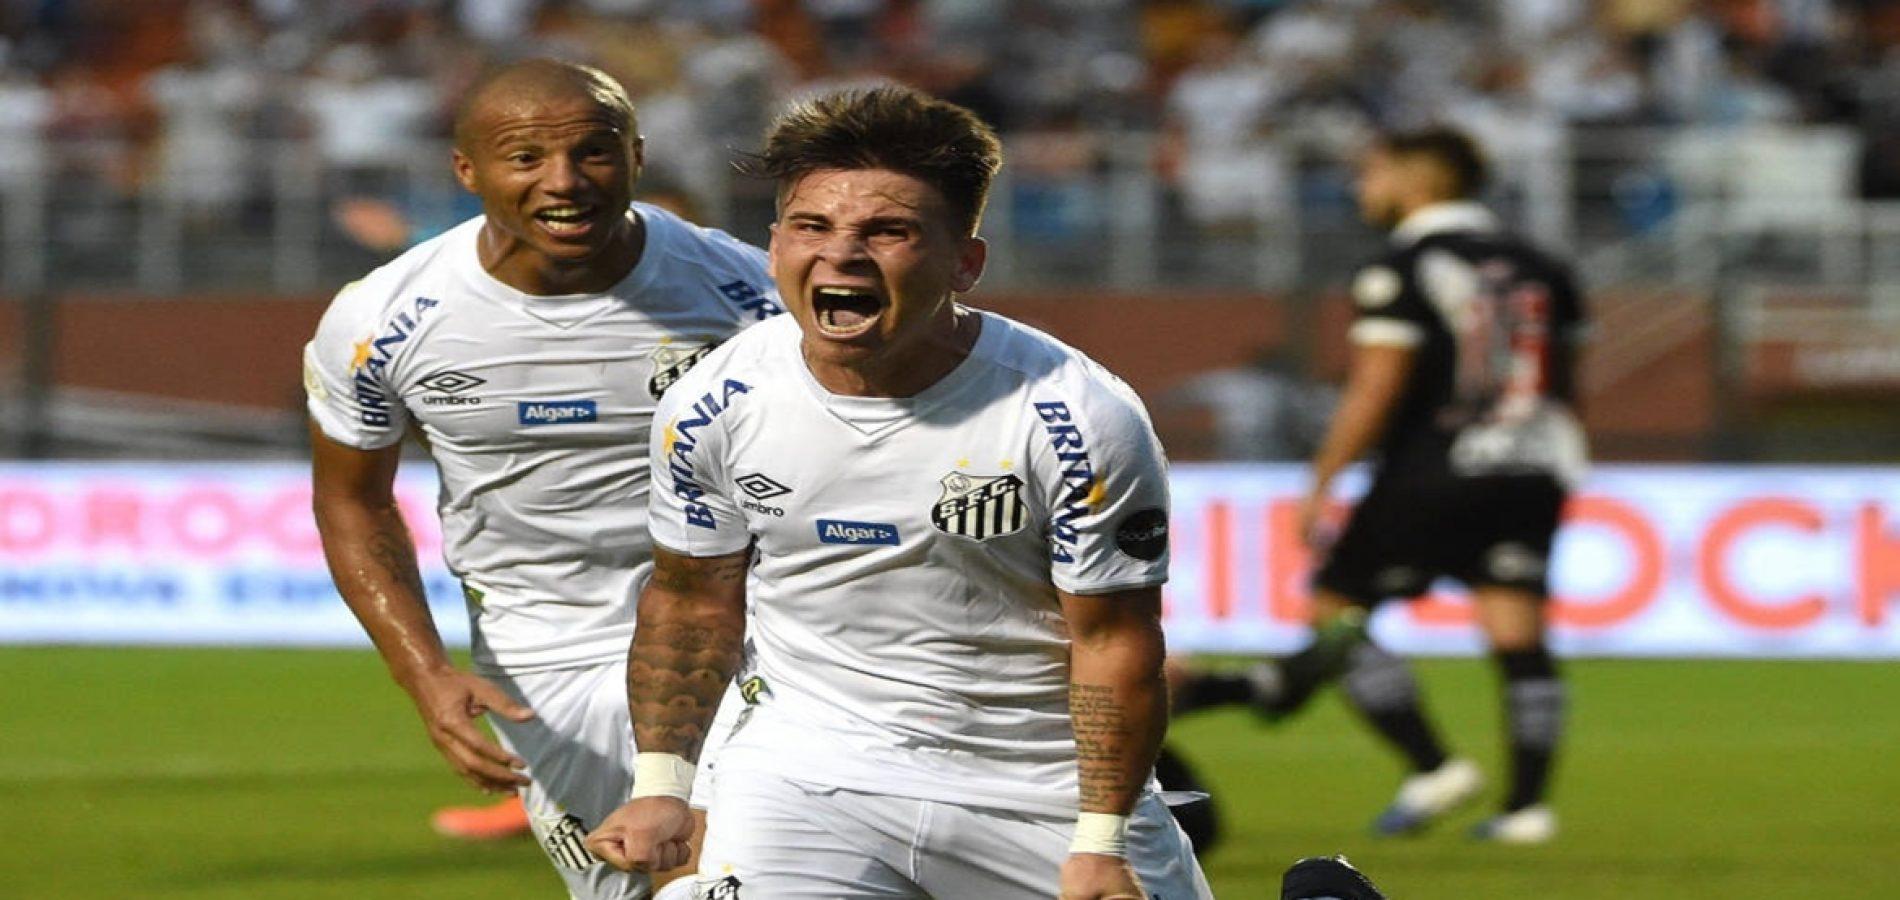 Santos vence o Vasco por 3 a 0 no Pacaembu